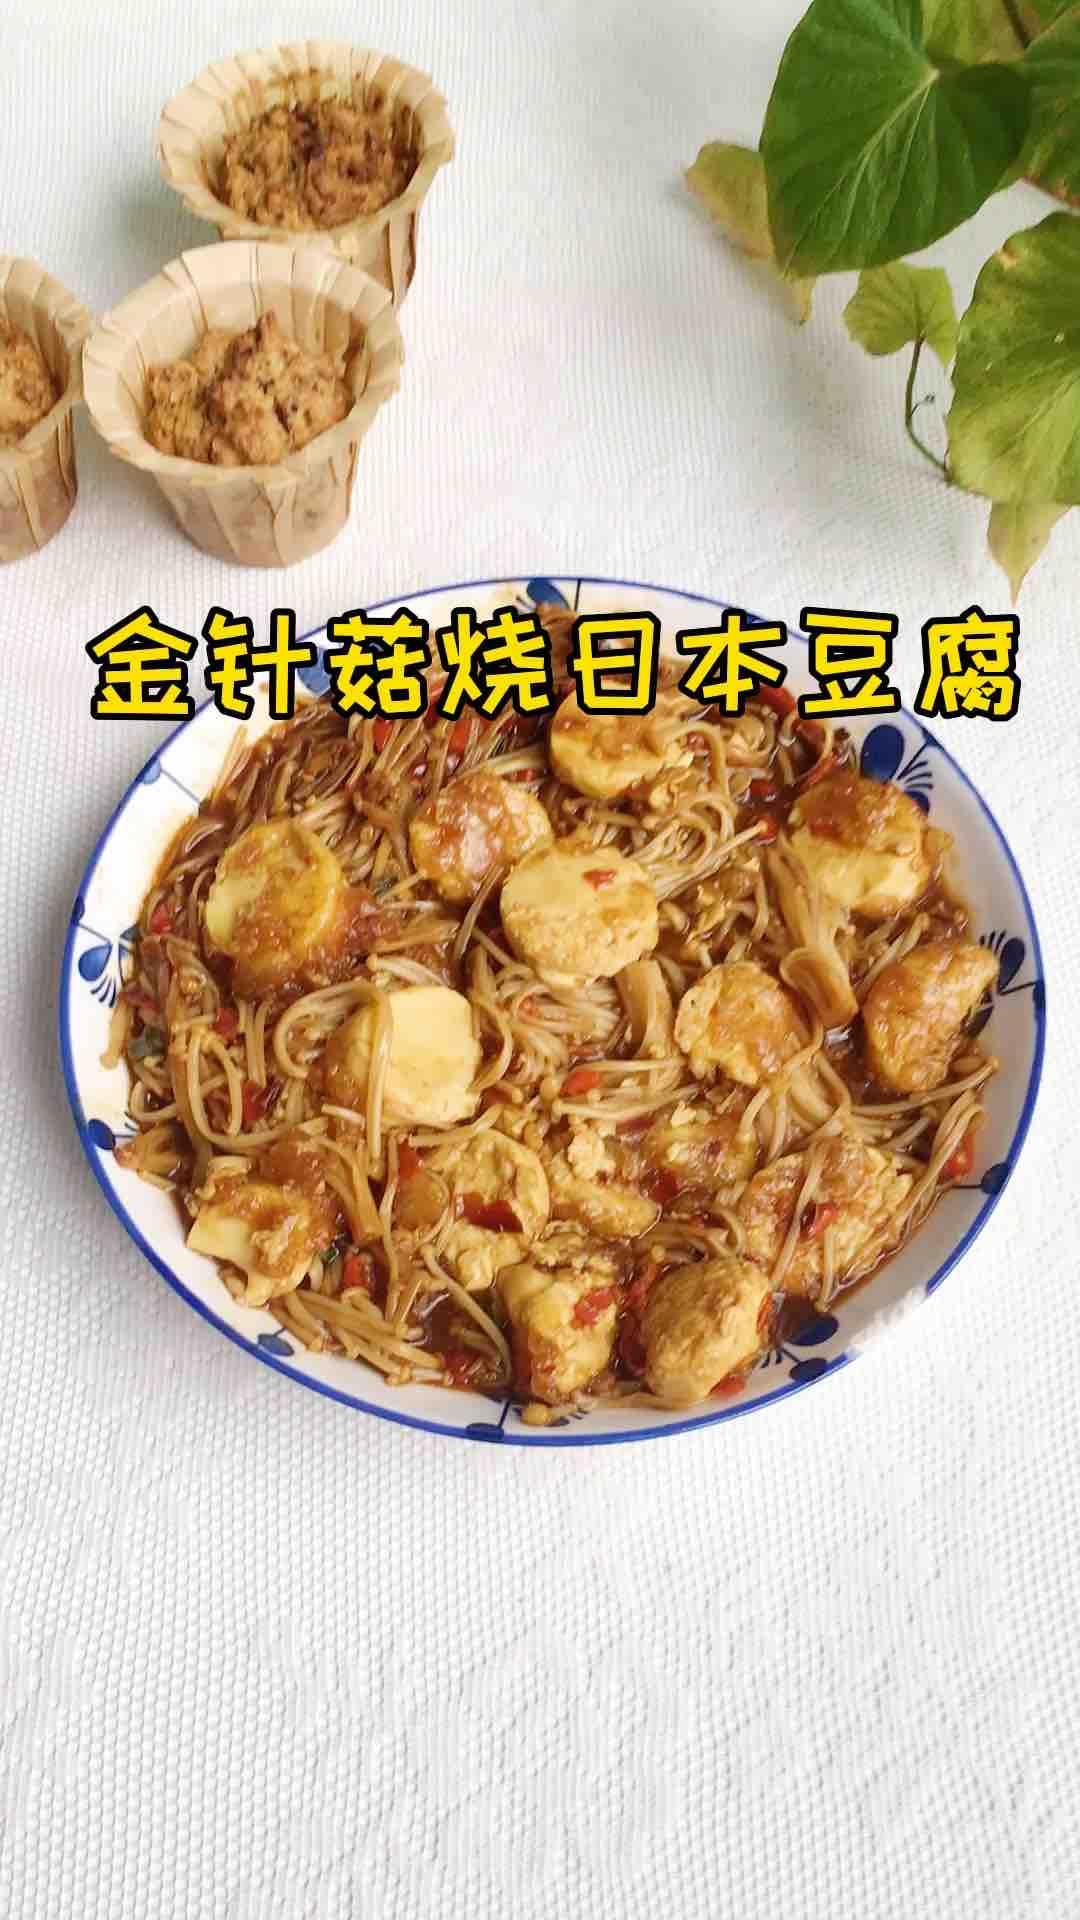 金针菇烧日本豆腐的做法【步骤图】